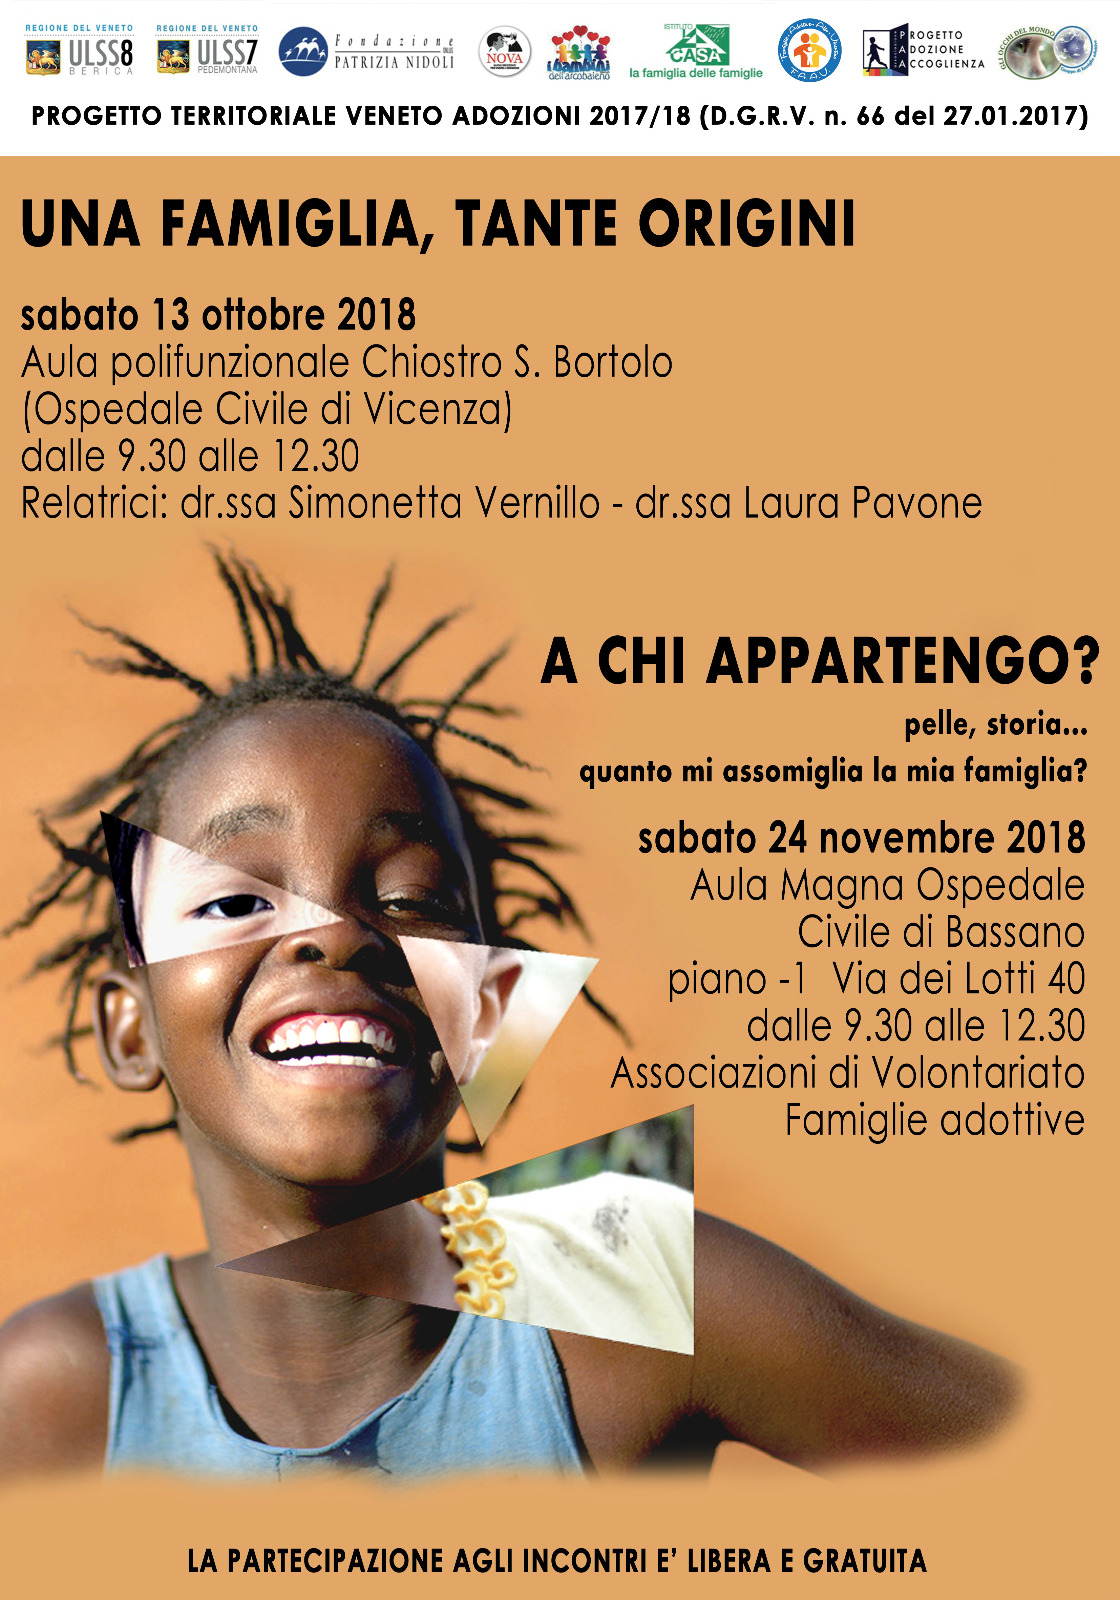 Progetto Adozioni 2017